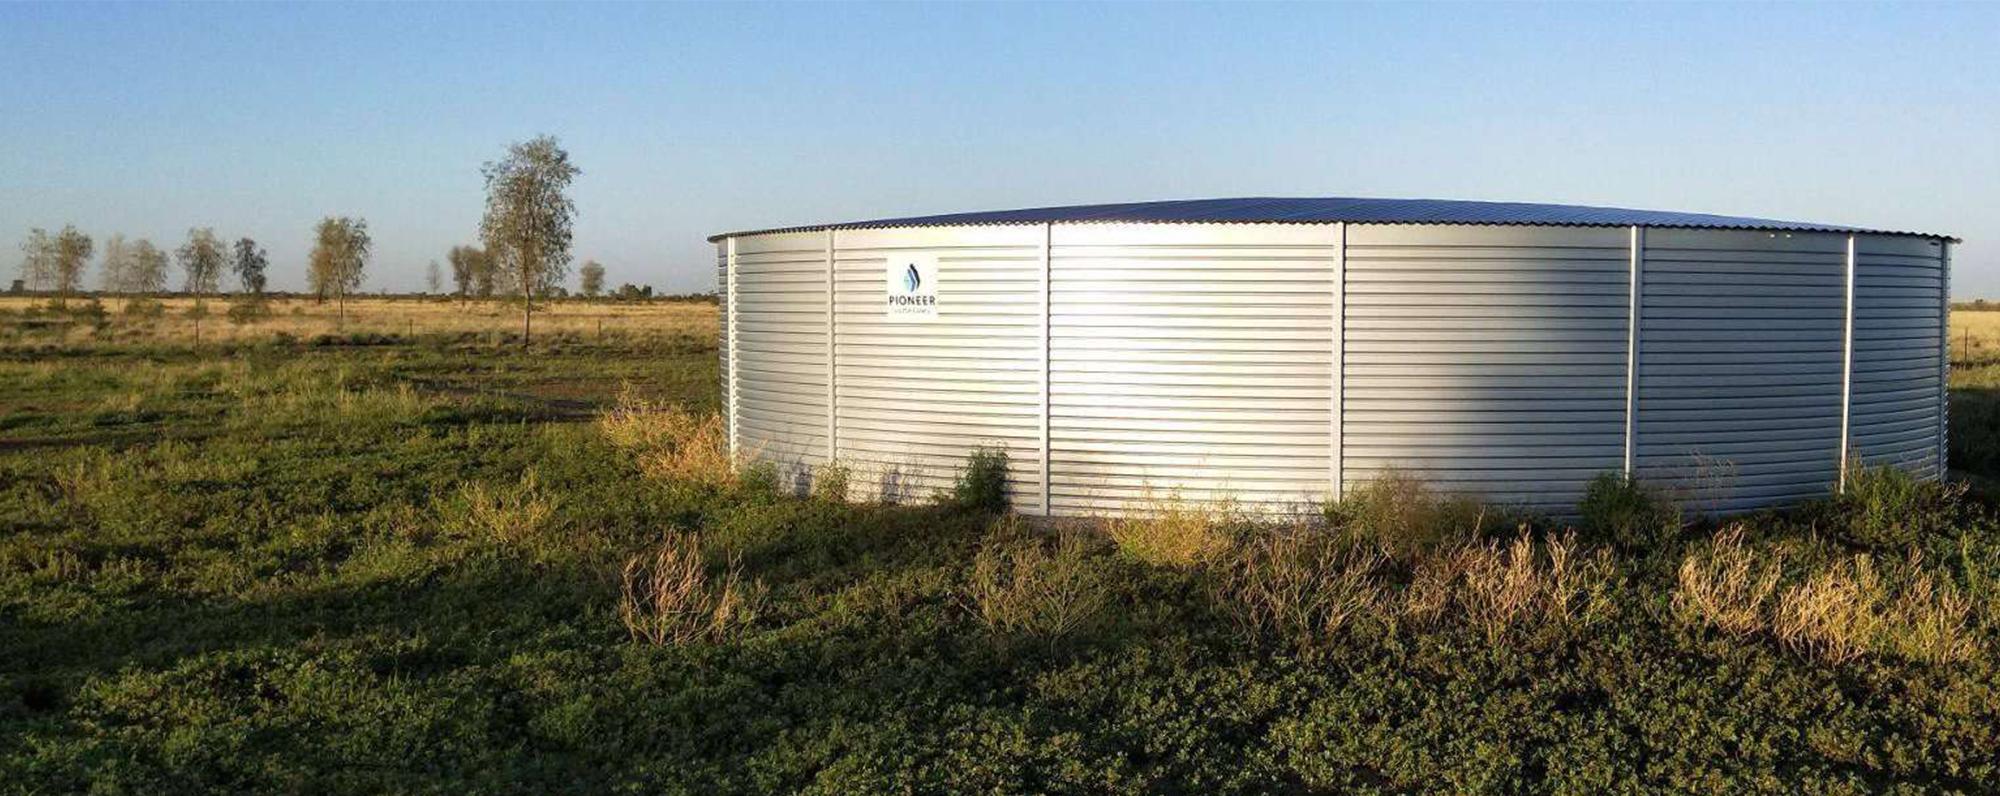 pioneer water tank in field